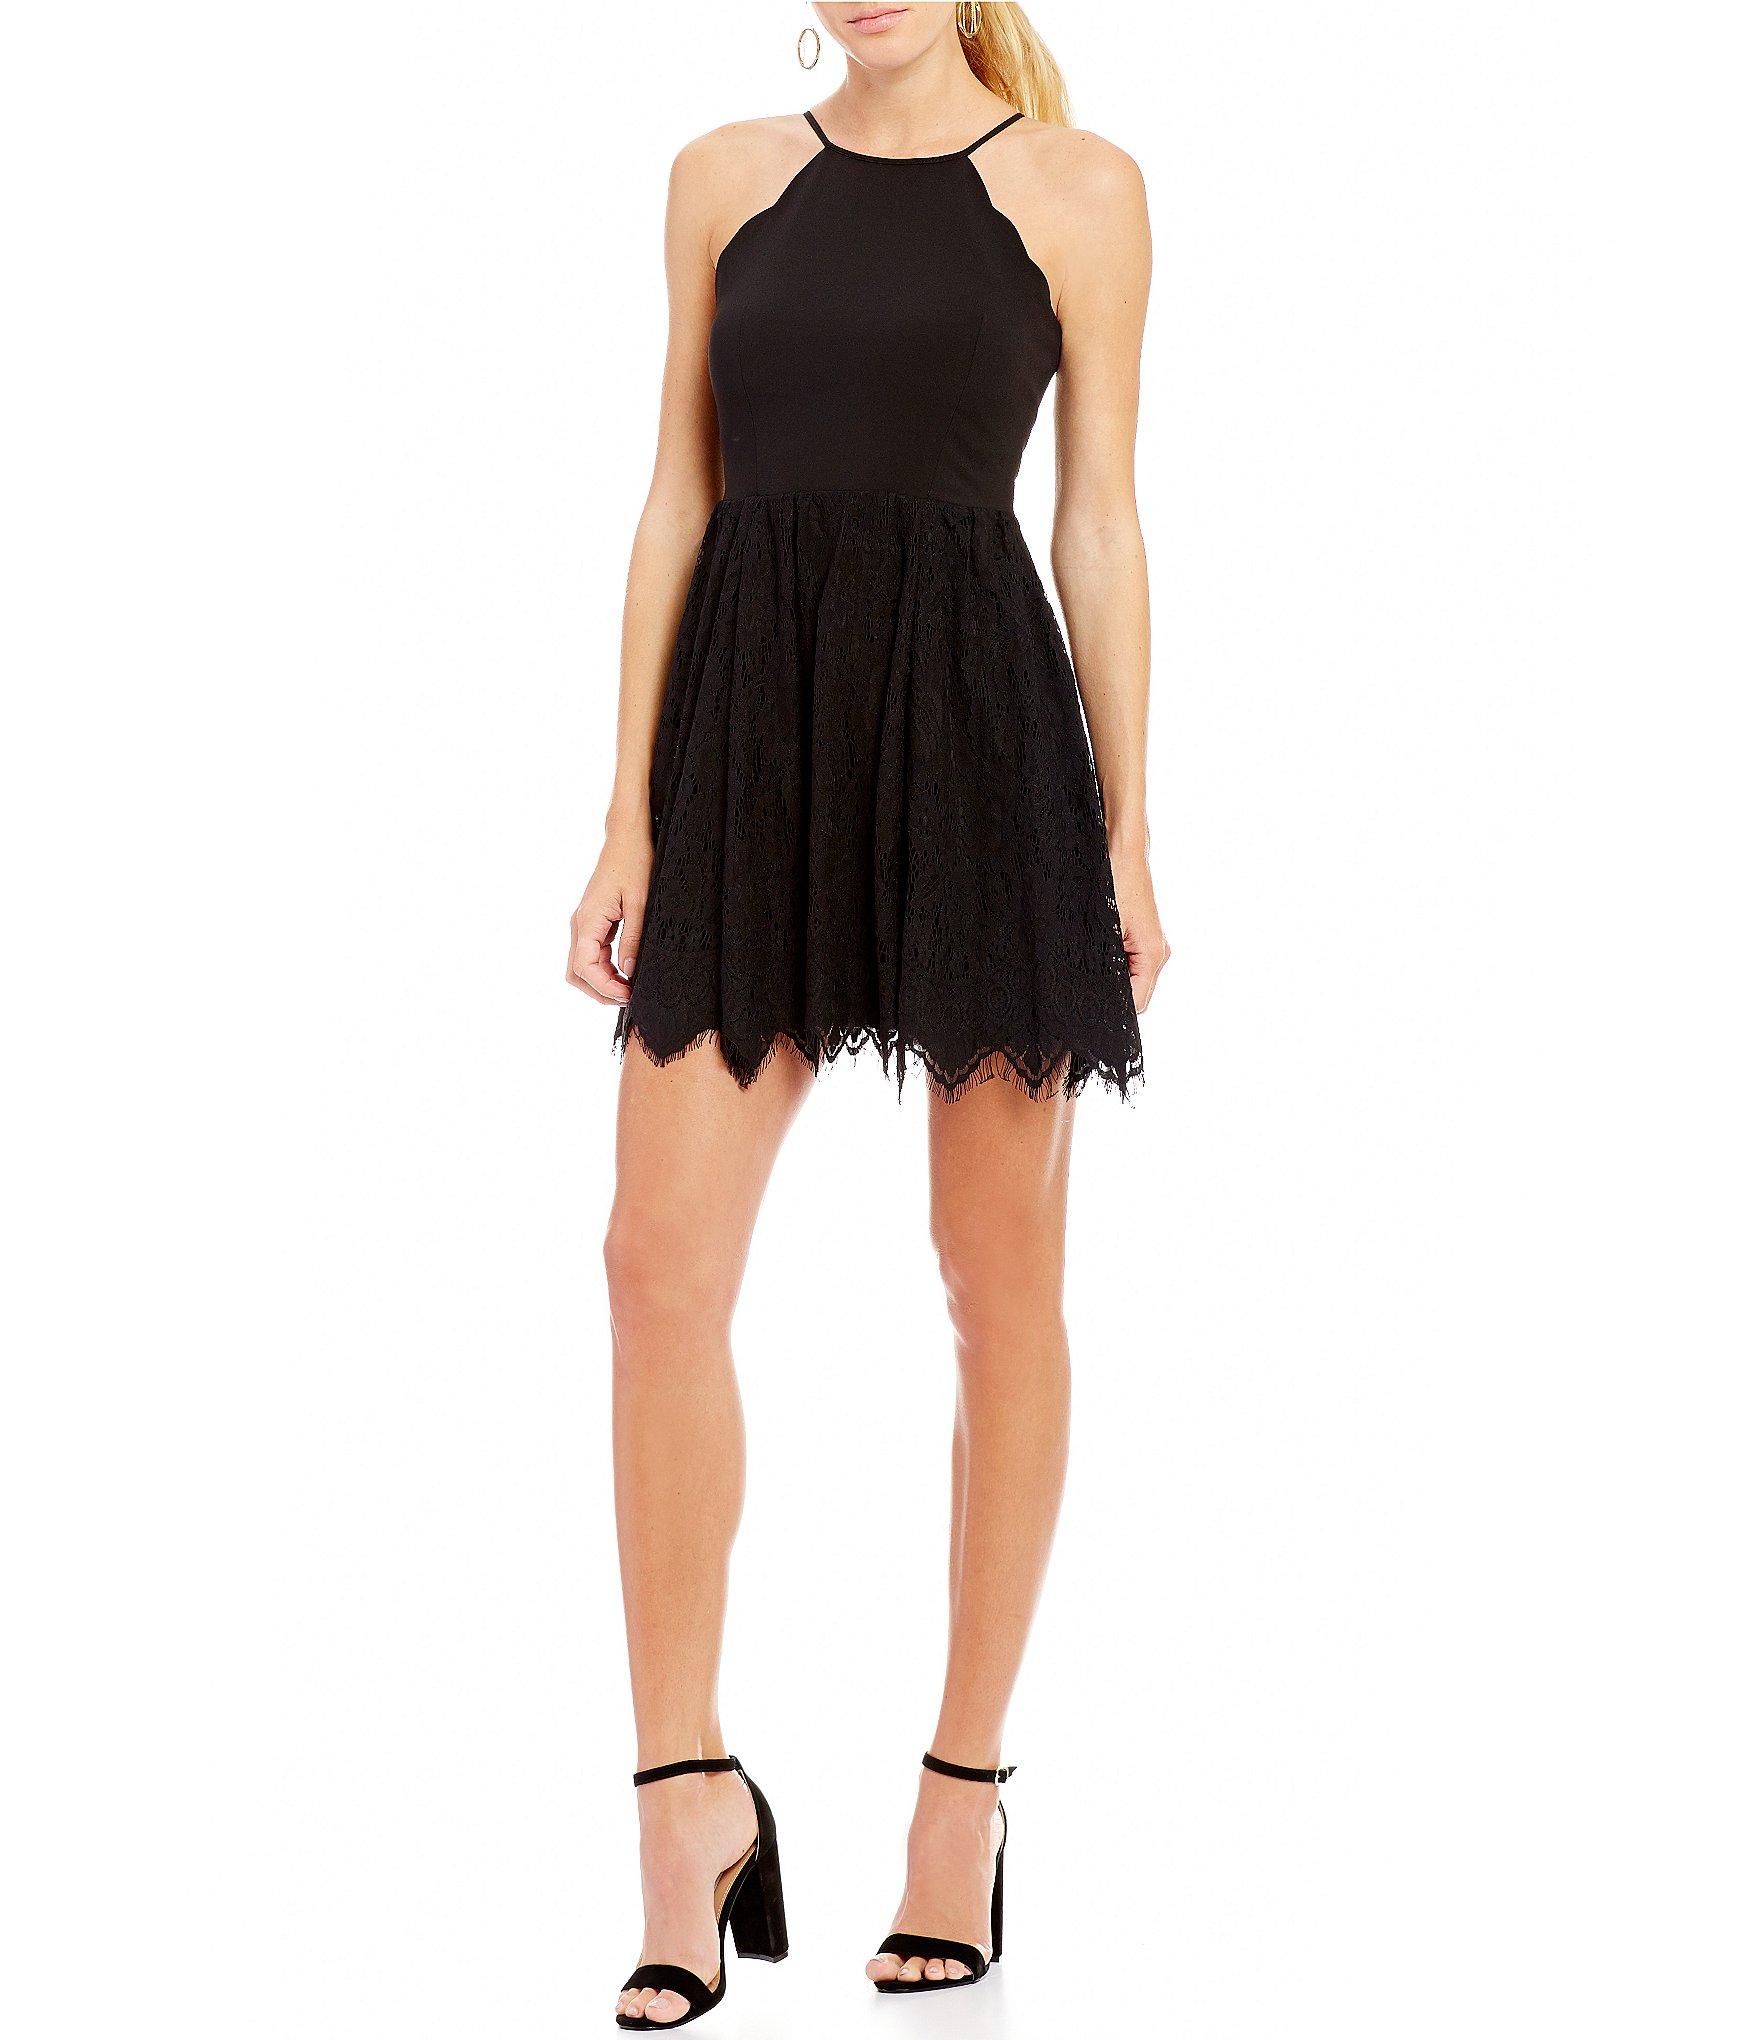 Black dress images - Black Dress Images 47